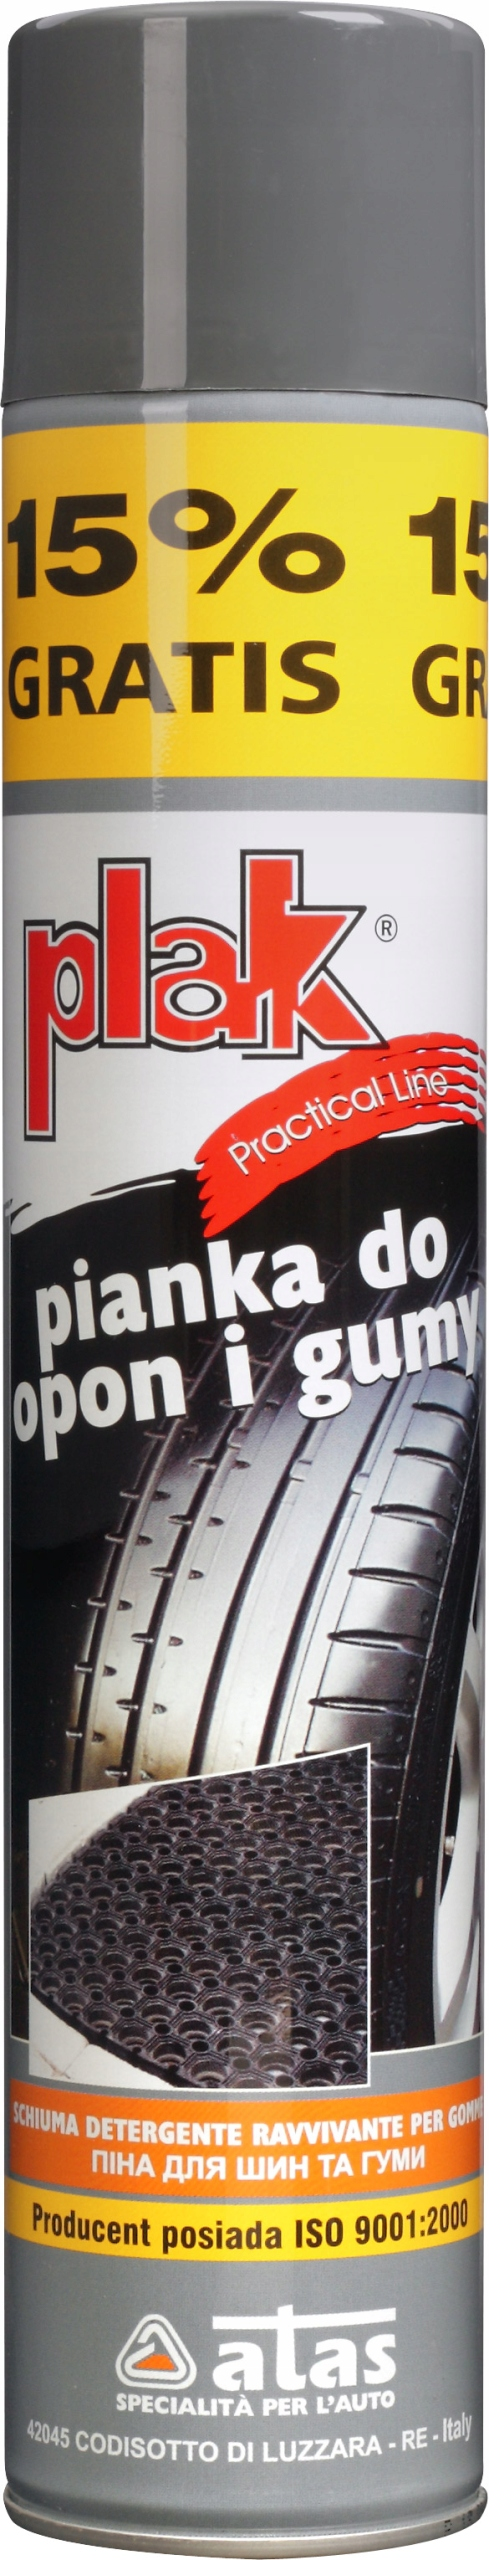 PLAK PRACTICAL Pianka do opon i gumy 500 ml spray